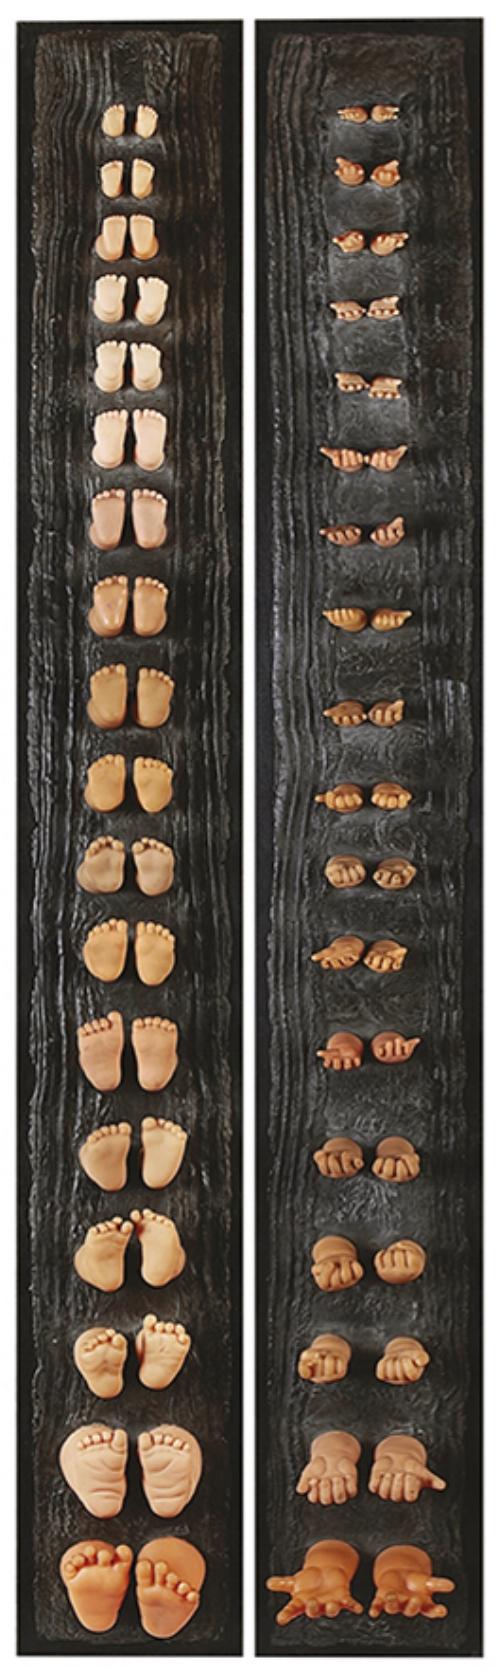 Des pieds et des mains  — H 160 cm - L 20 cm